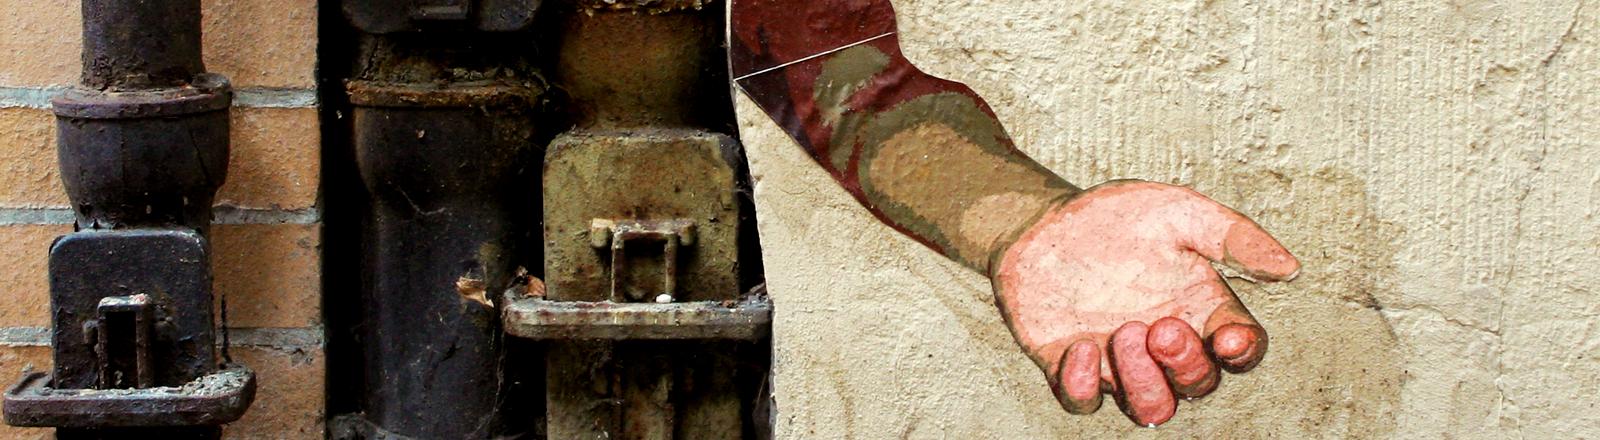 Das Graffiti einer ausgestreckten Hand